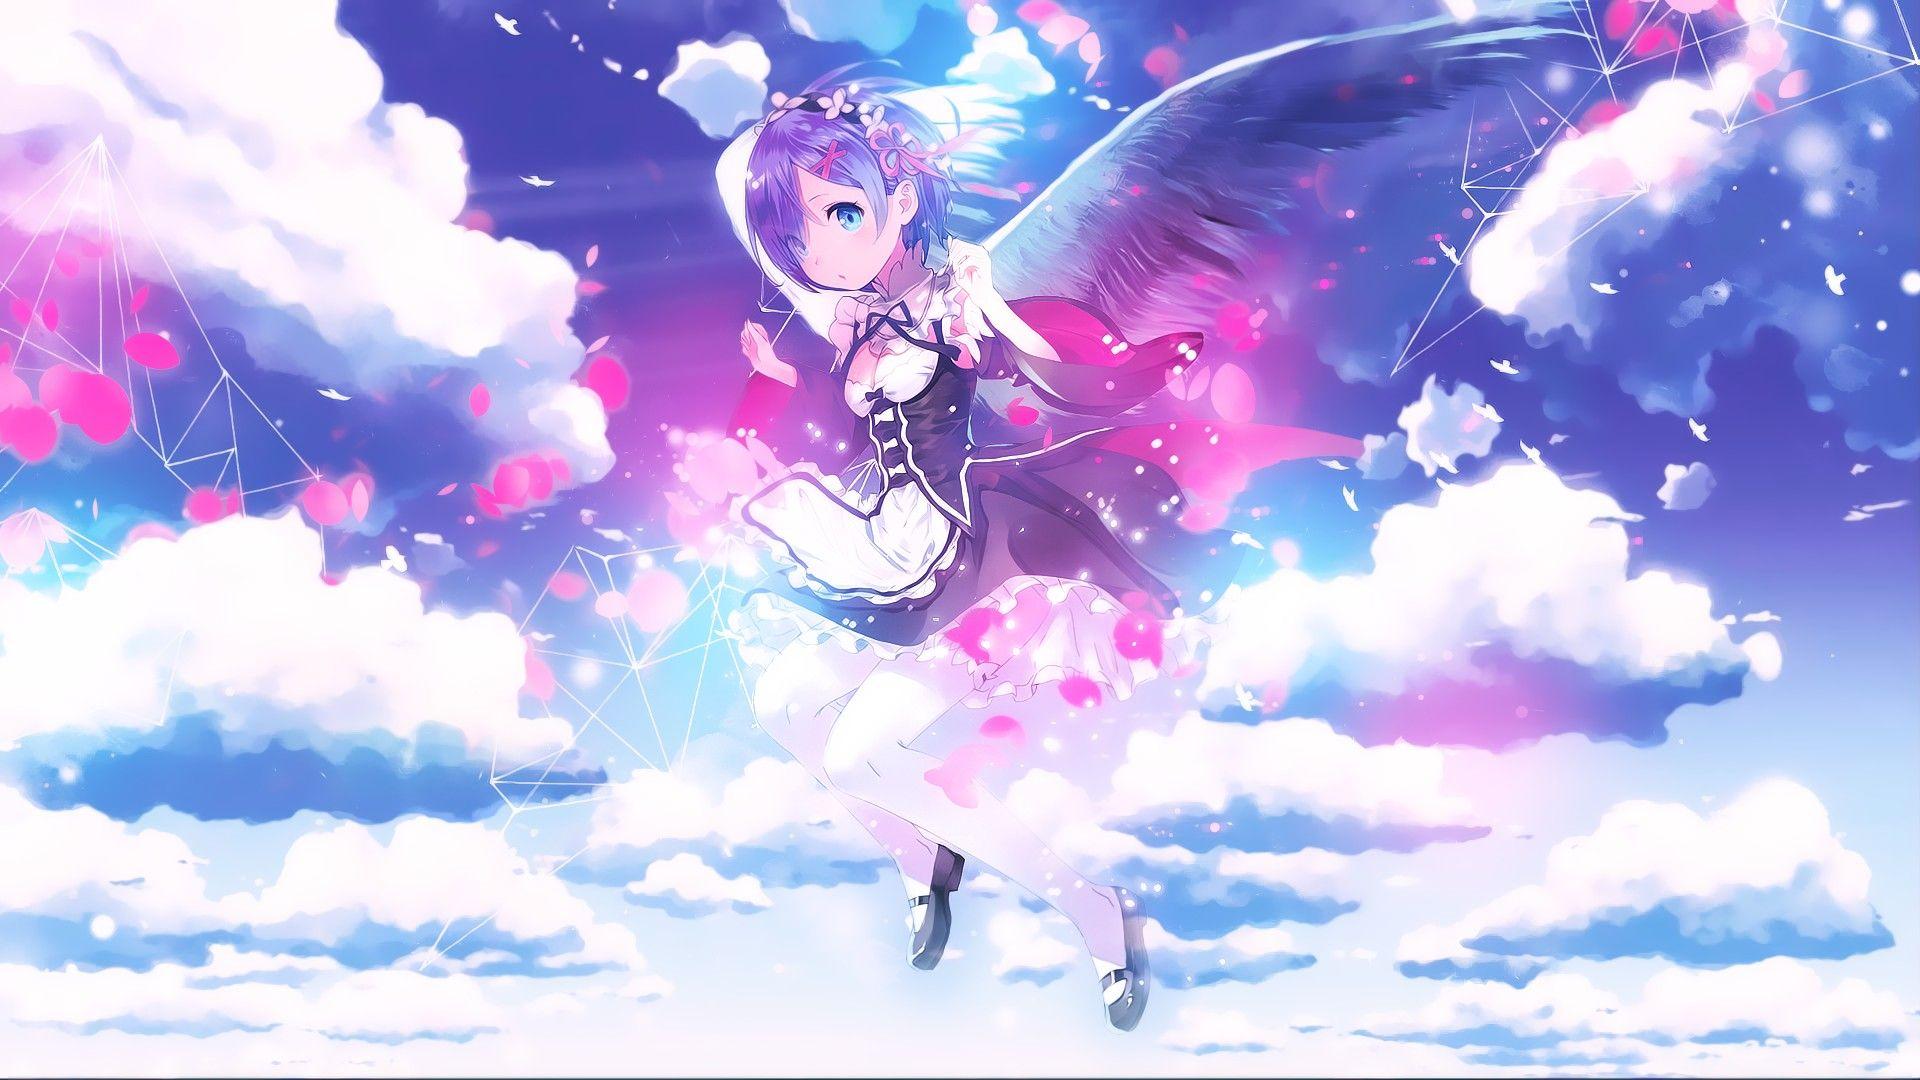 anime re zero wallpaper rem - 2018 wallpapers hd | wallpaper